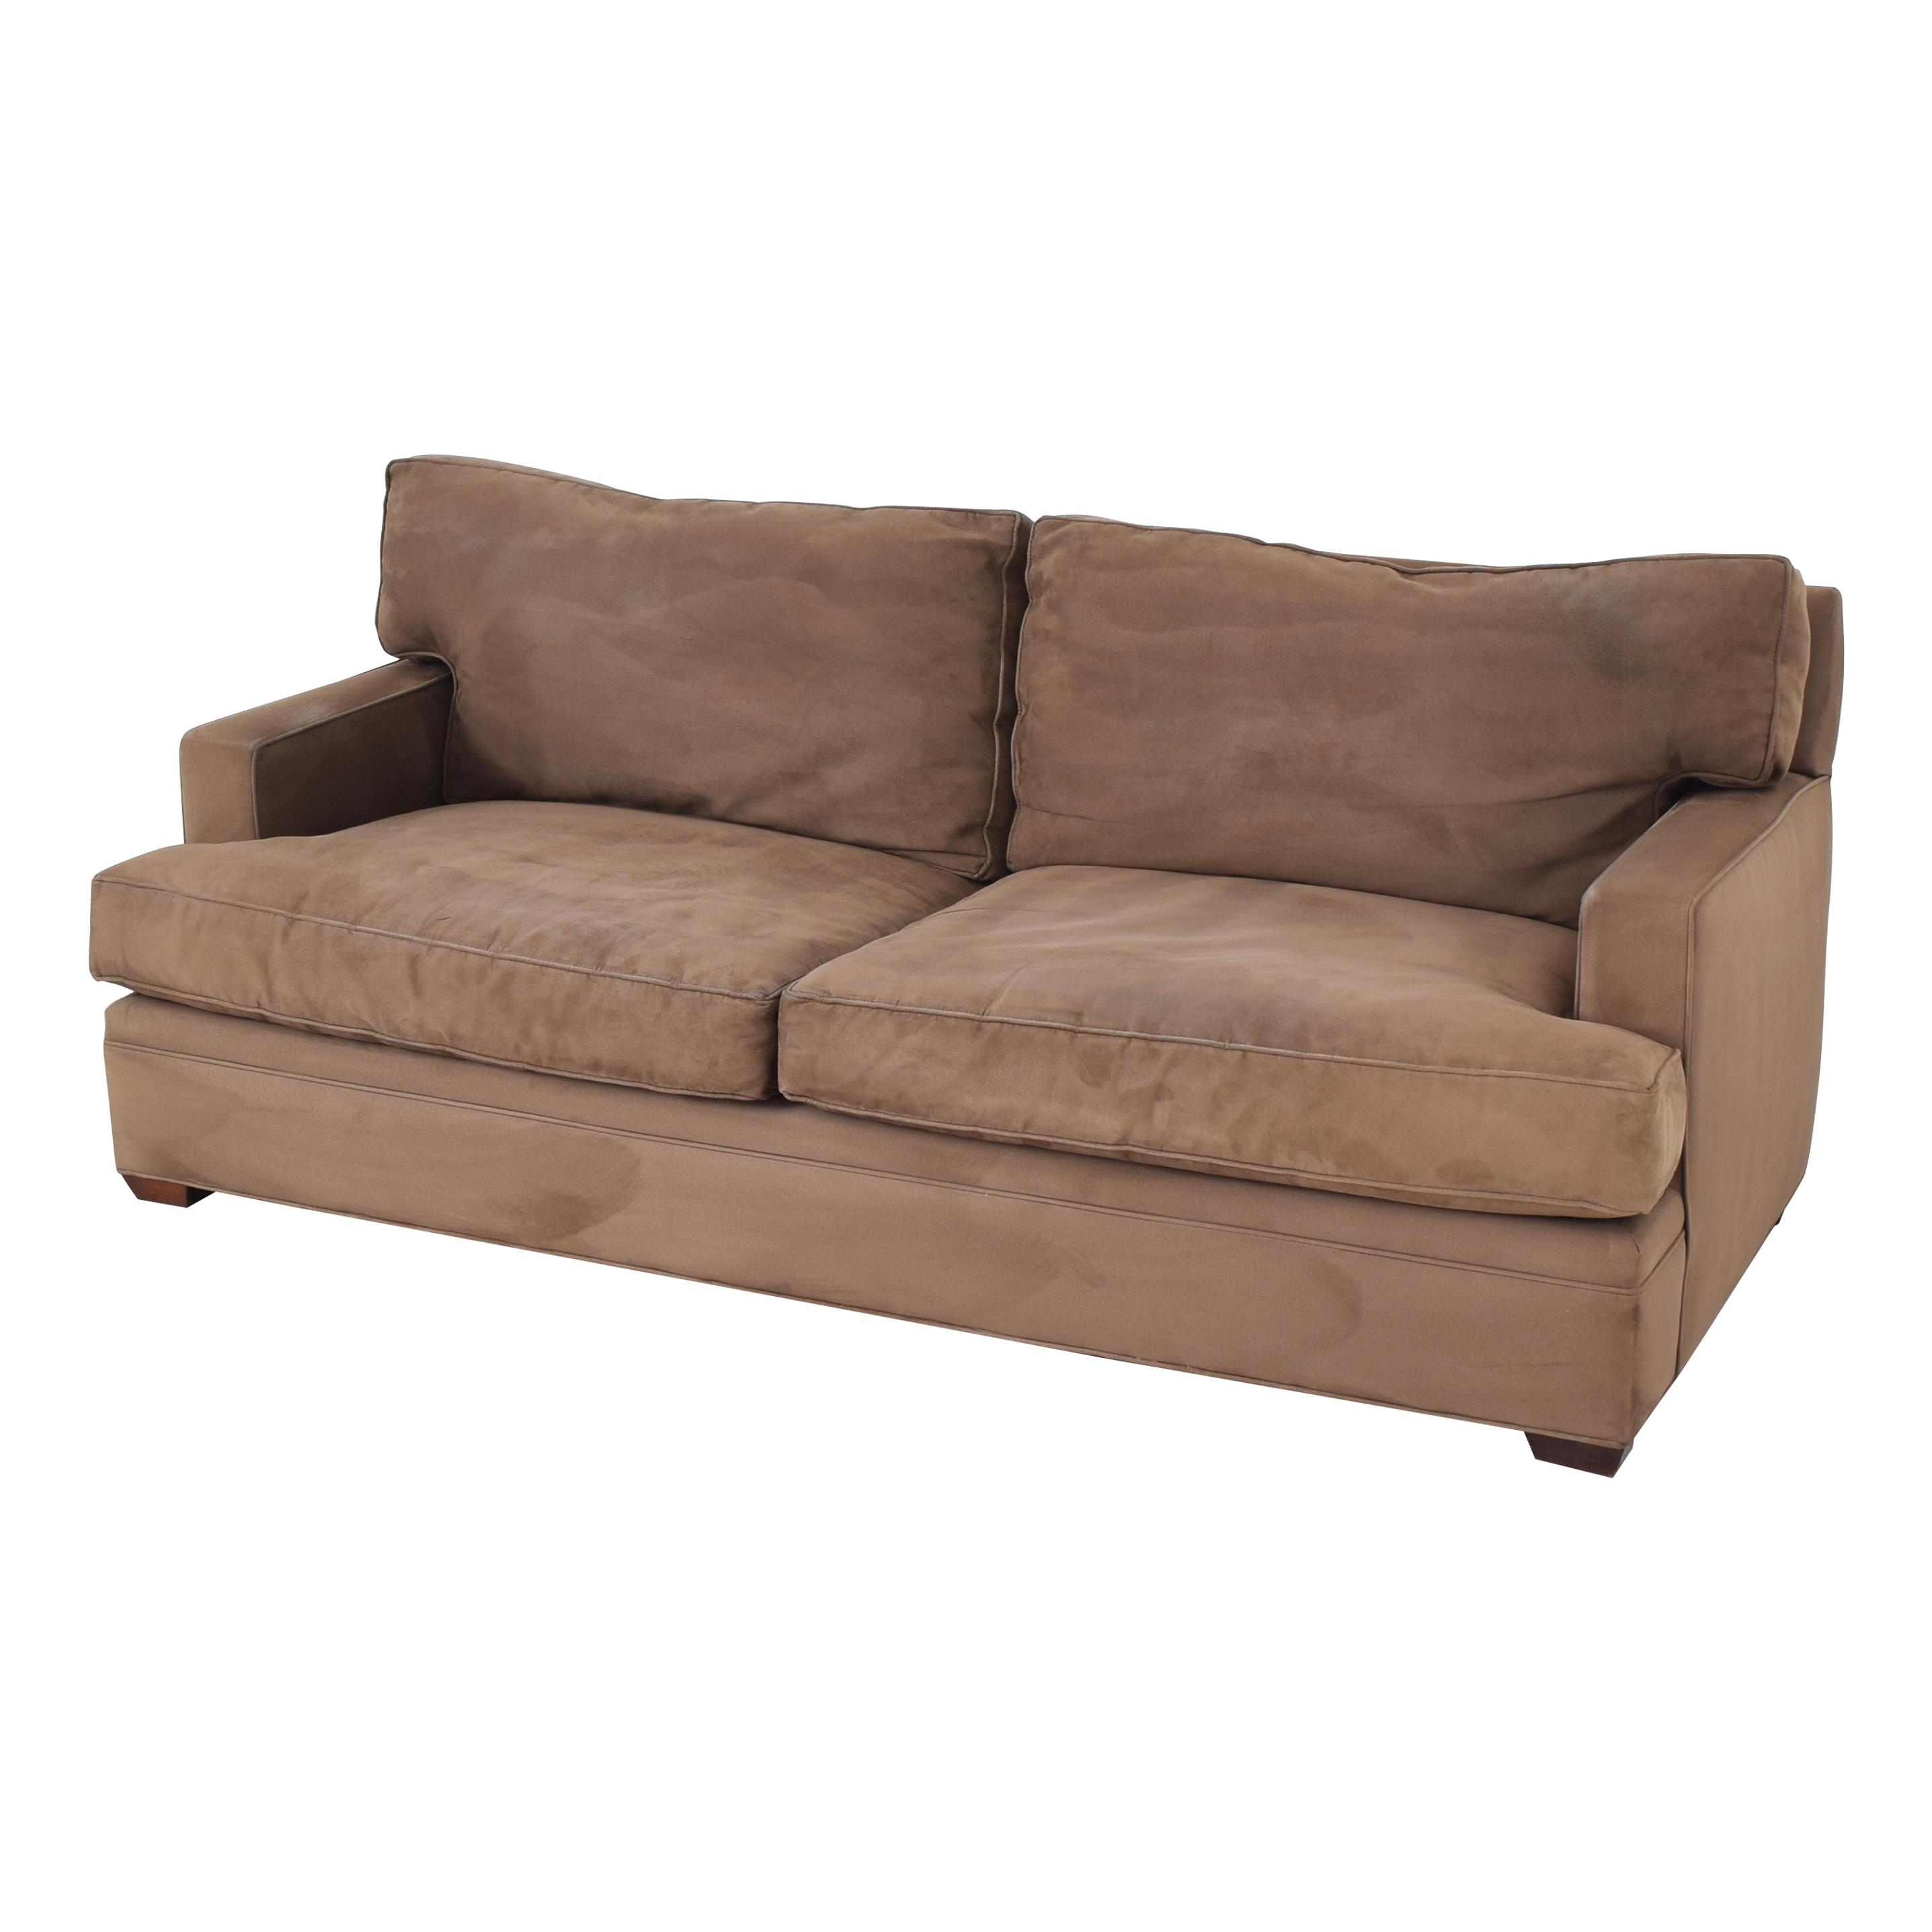 Crate & Barrel Crate & Barrel Fabric Sofa Sofas